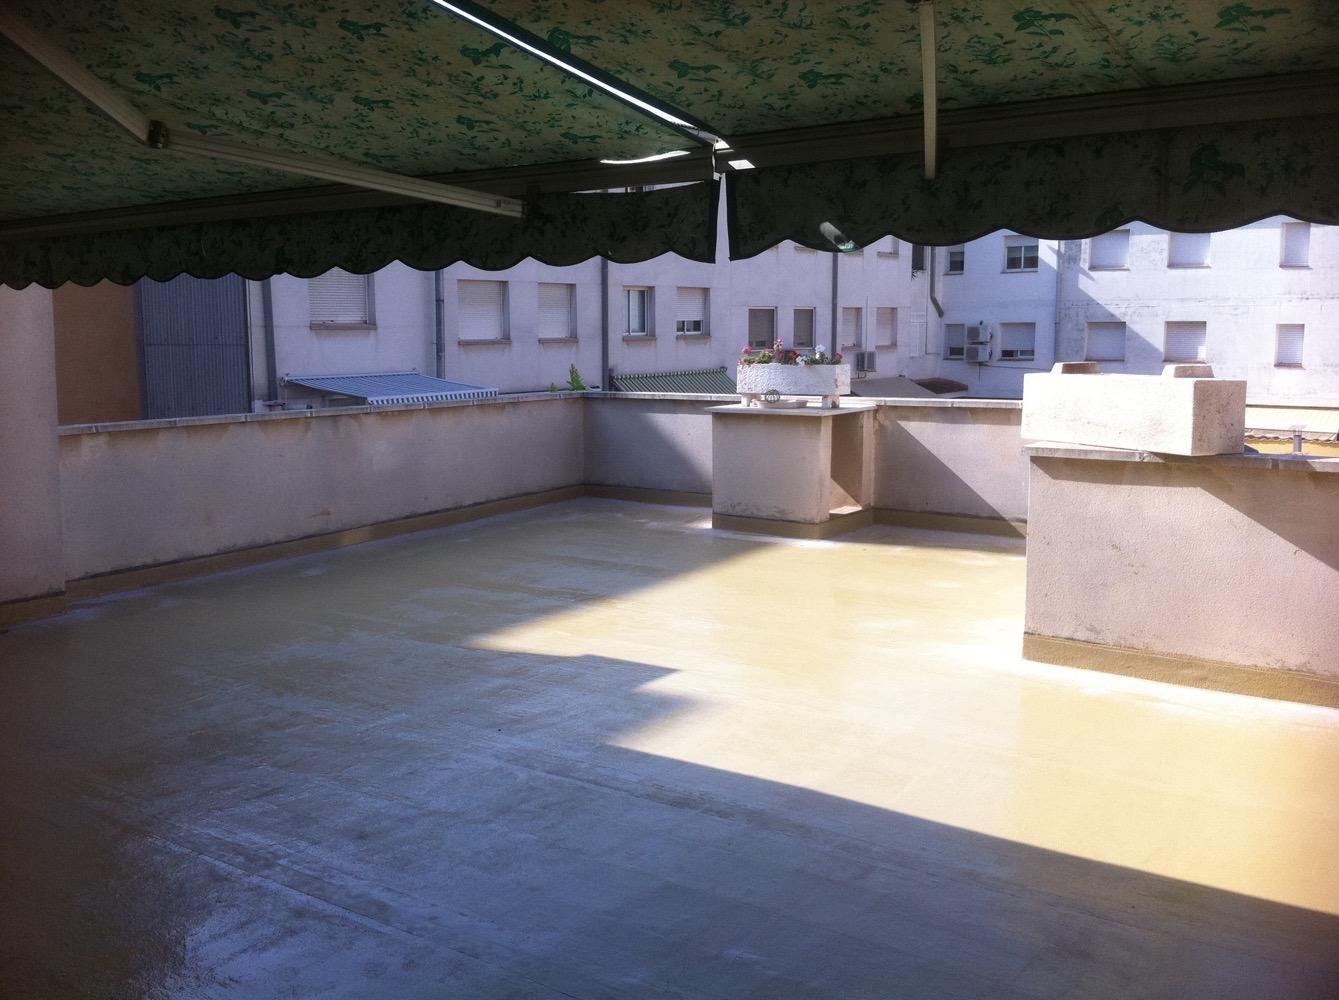 Trabajos de impermeabilización en tejados